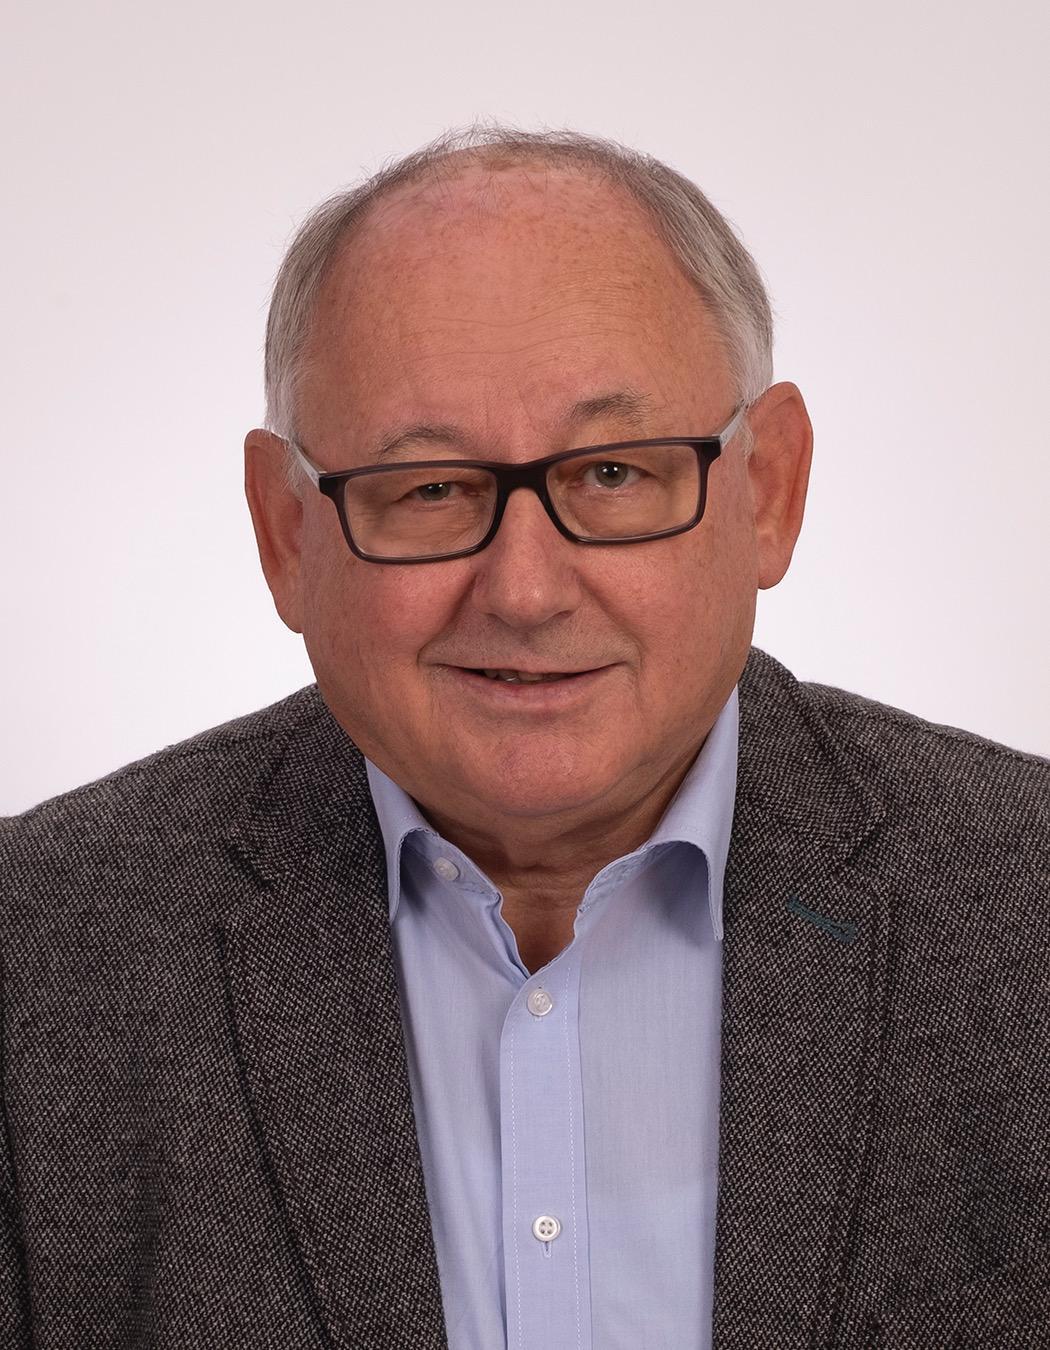 Friedrich Gräßel